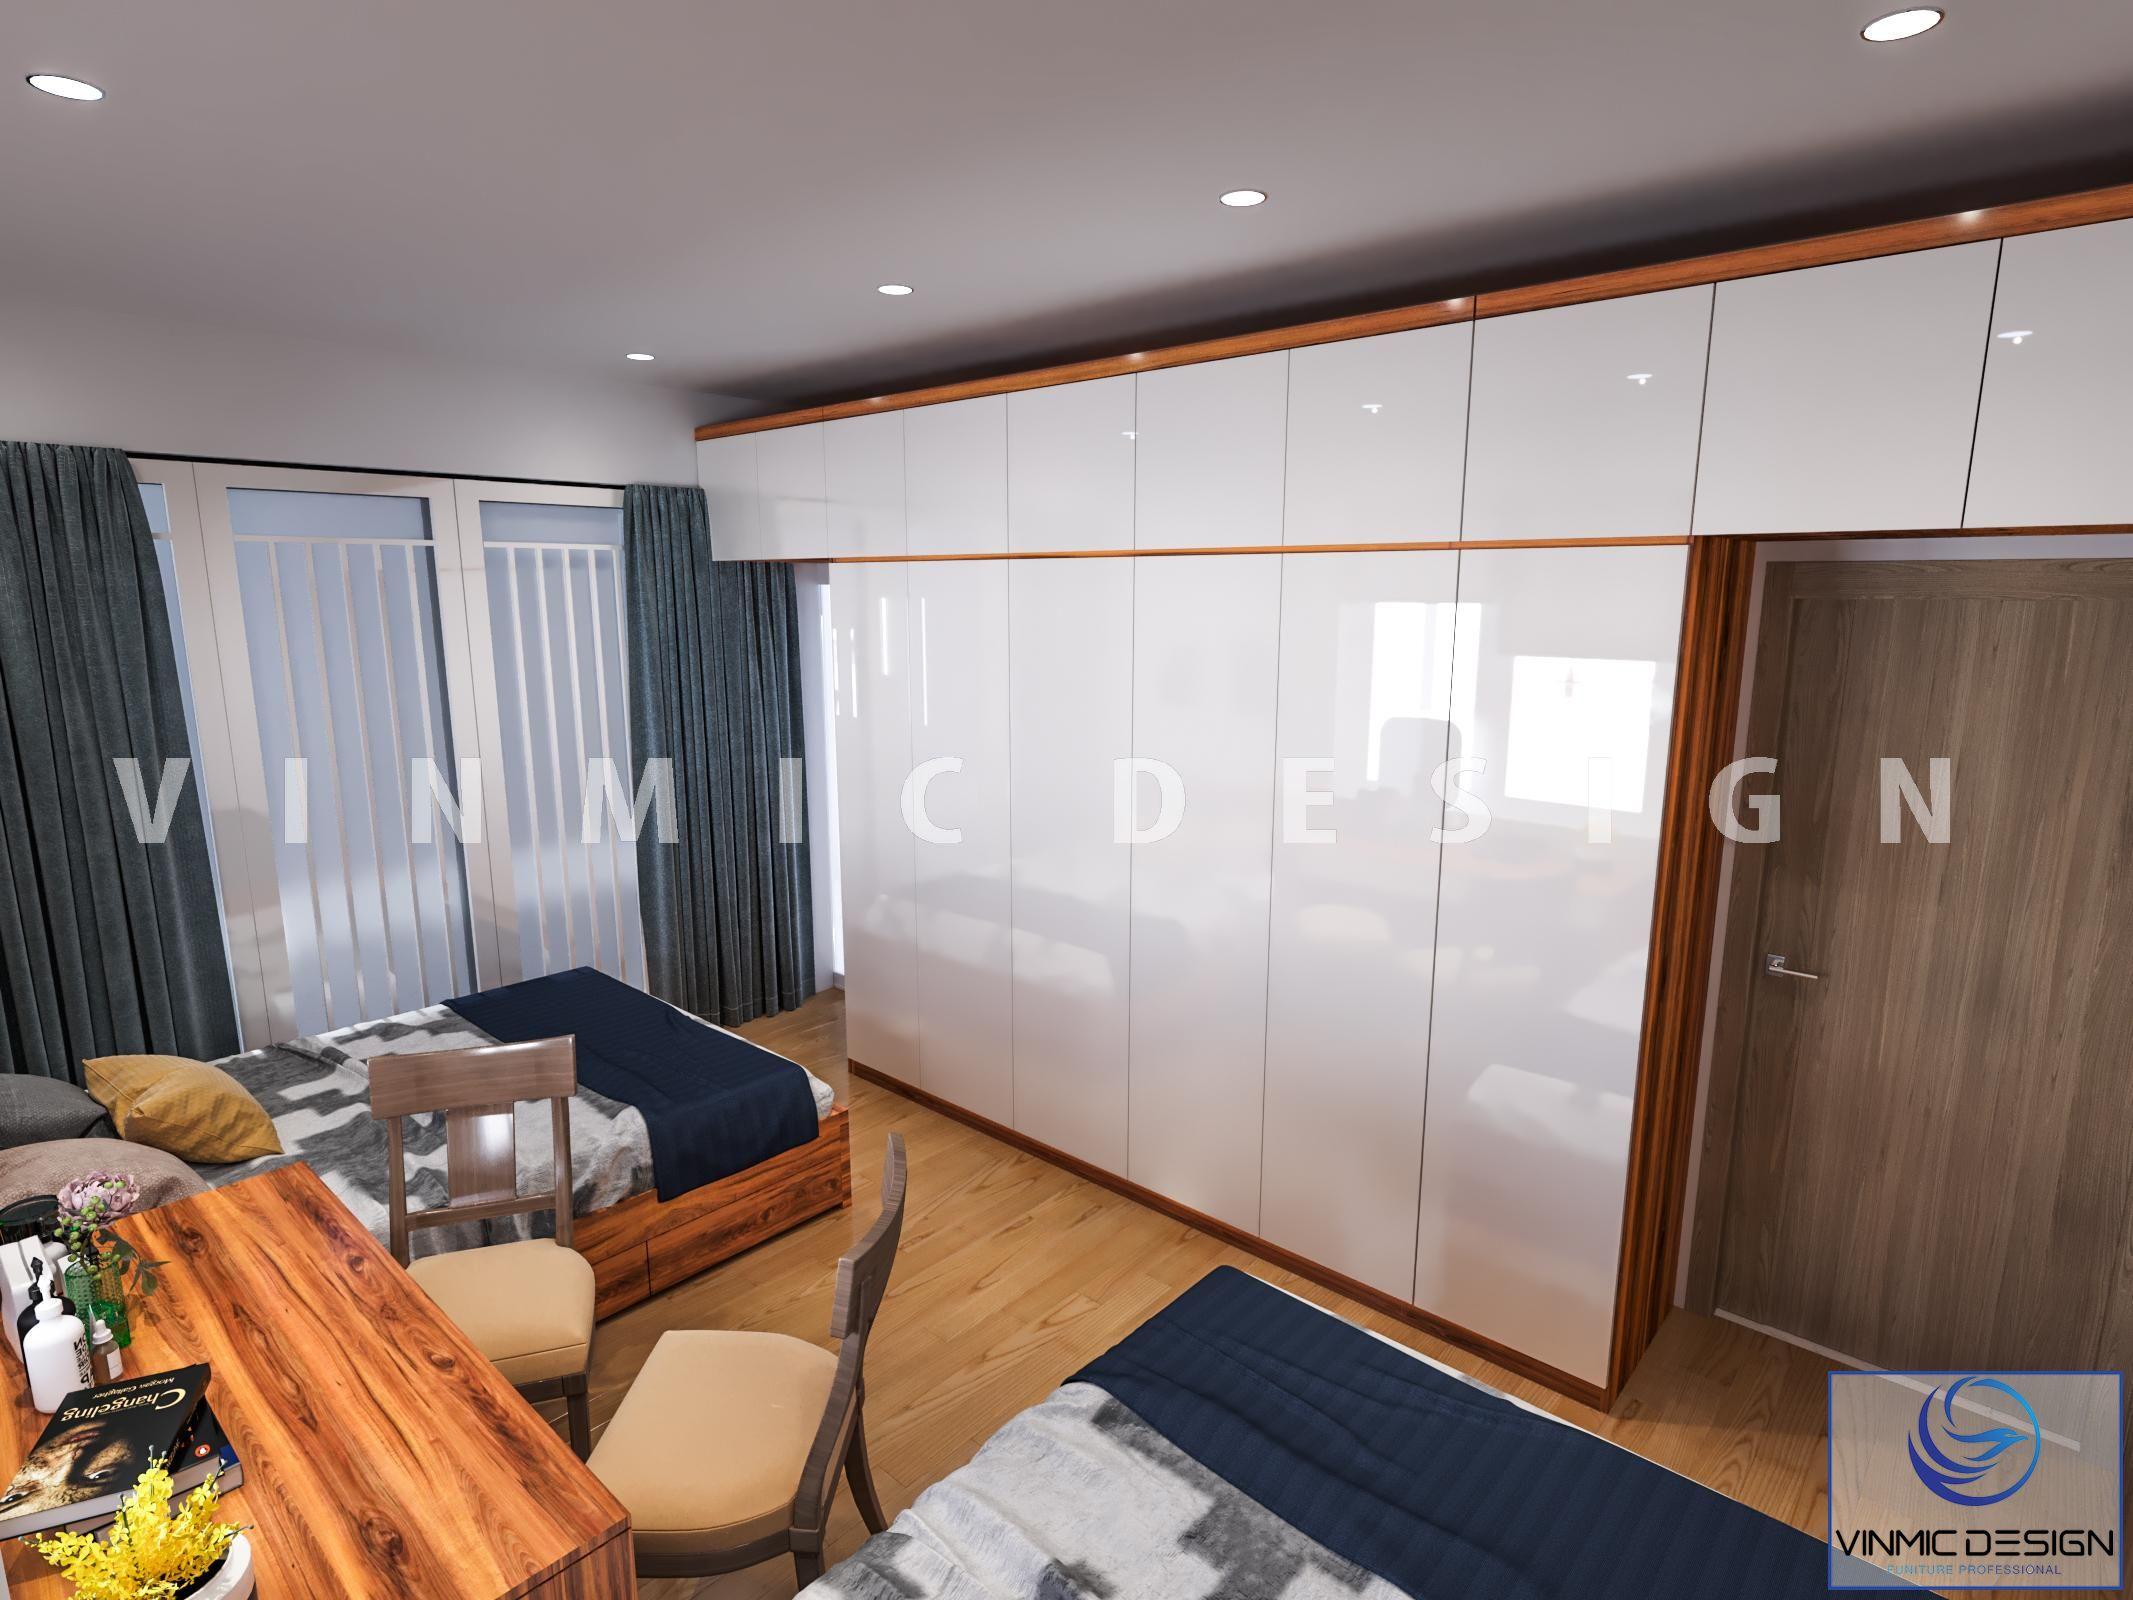 Thiết kế nội thất phòng ngủ với tủ quần áo bề mặt Acrylic sáng bóng tại phố Kim Sơn - Ninh Bình